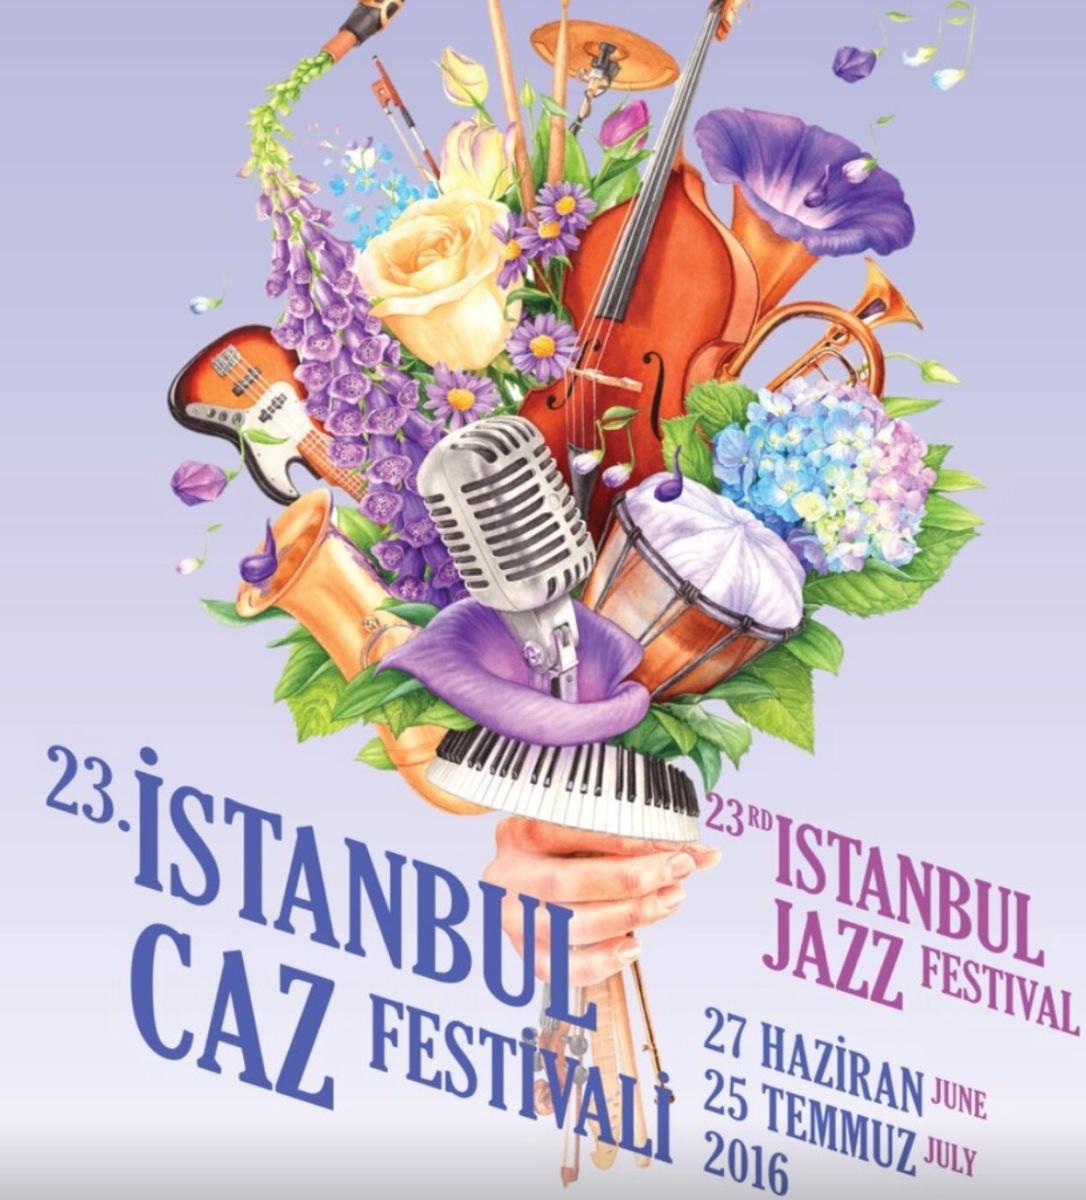 23. İSTANBUL CAZ FESTİVALİ Başlıyor! (27 Haziran-25 Temmuz 2016)